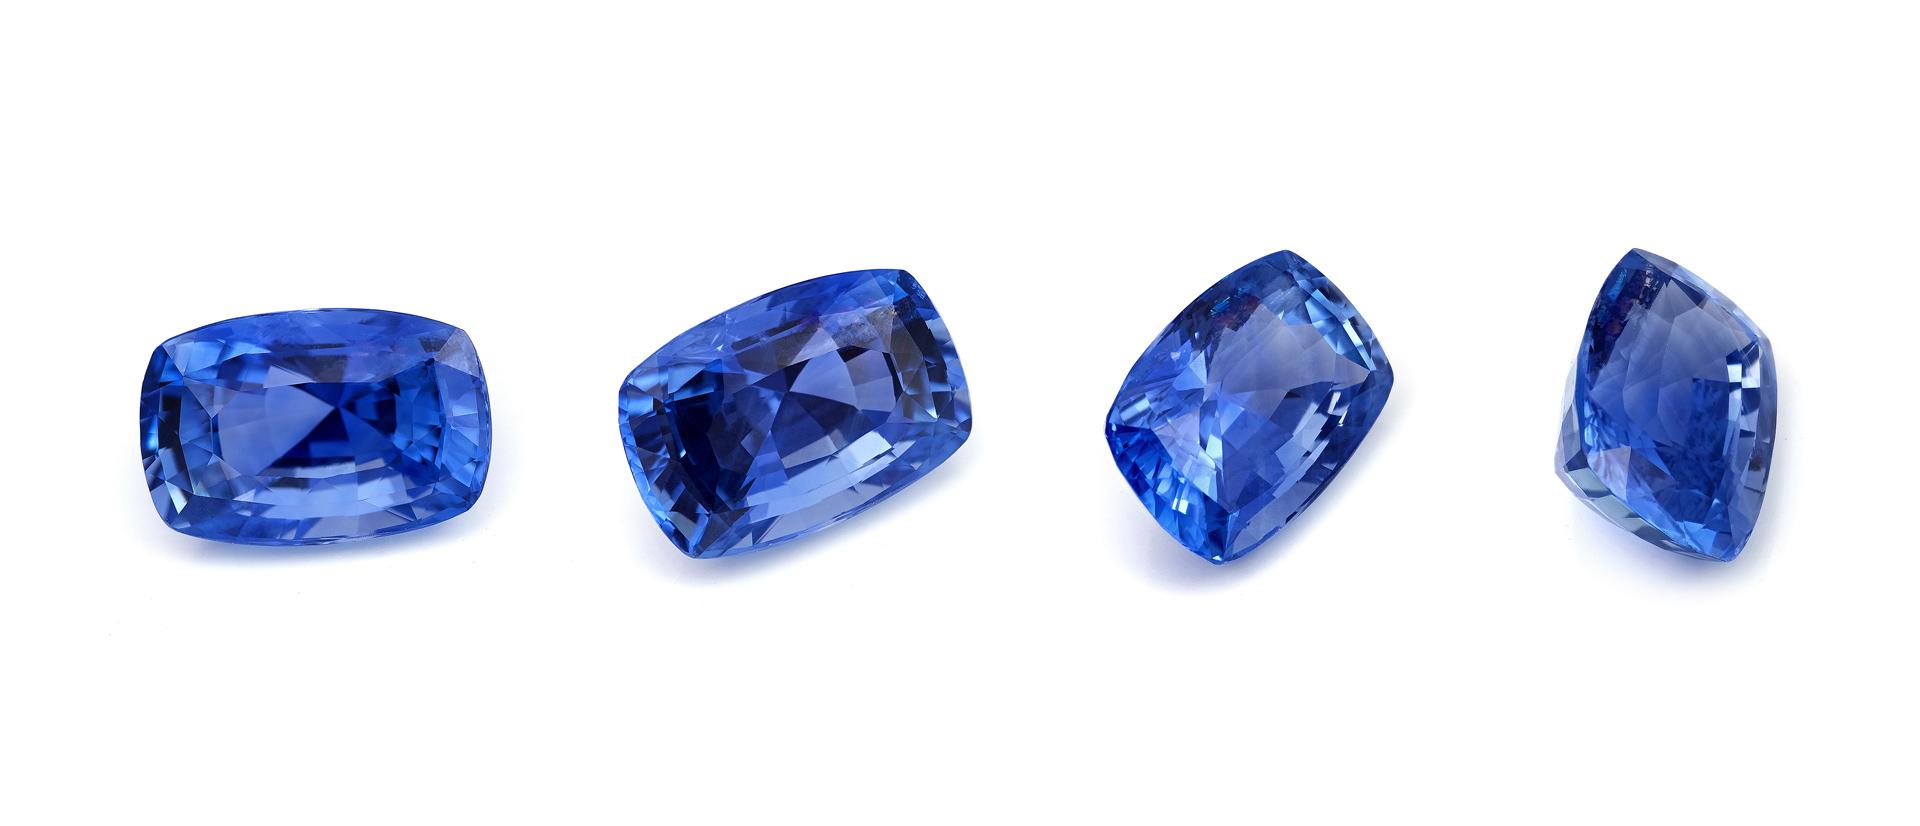 Gemmologie du saphir bleu